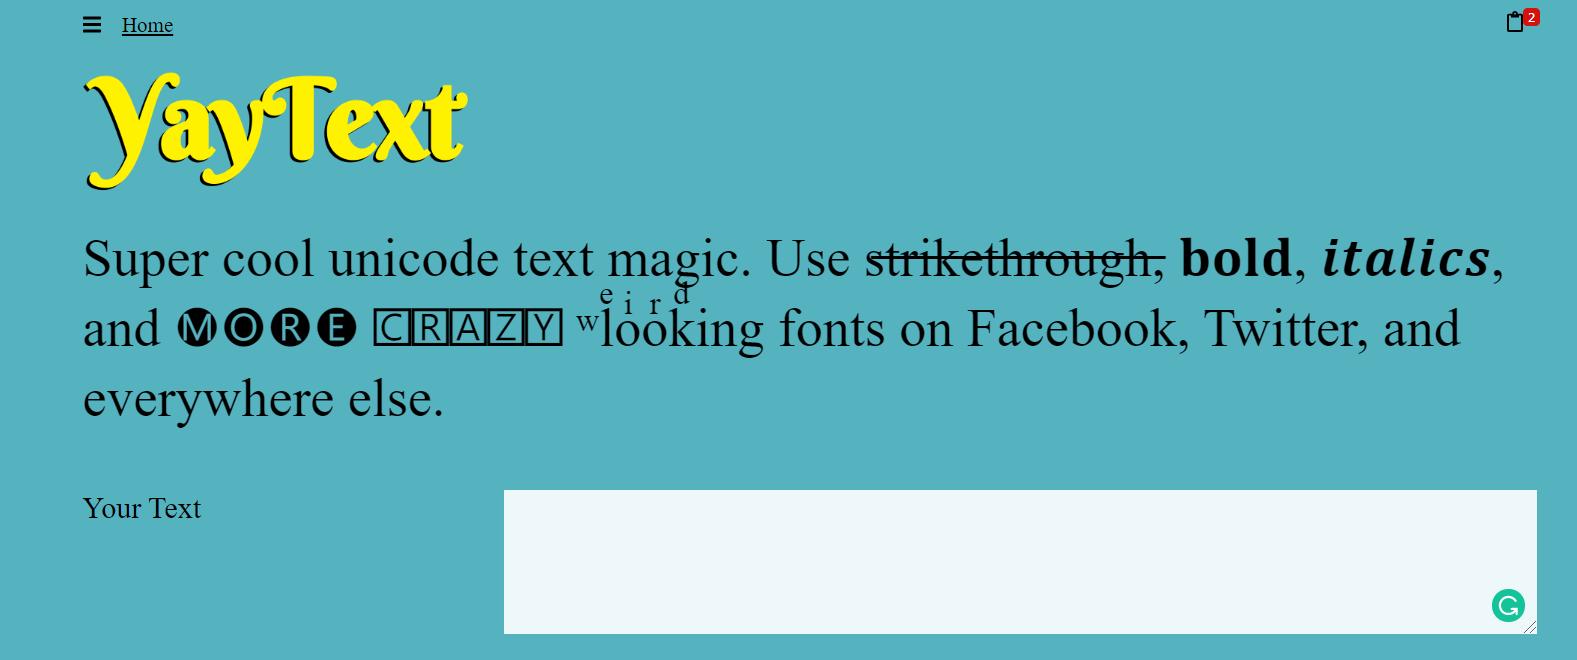 Cách viết chữ in đậm trên Facebook bằng máy tính